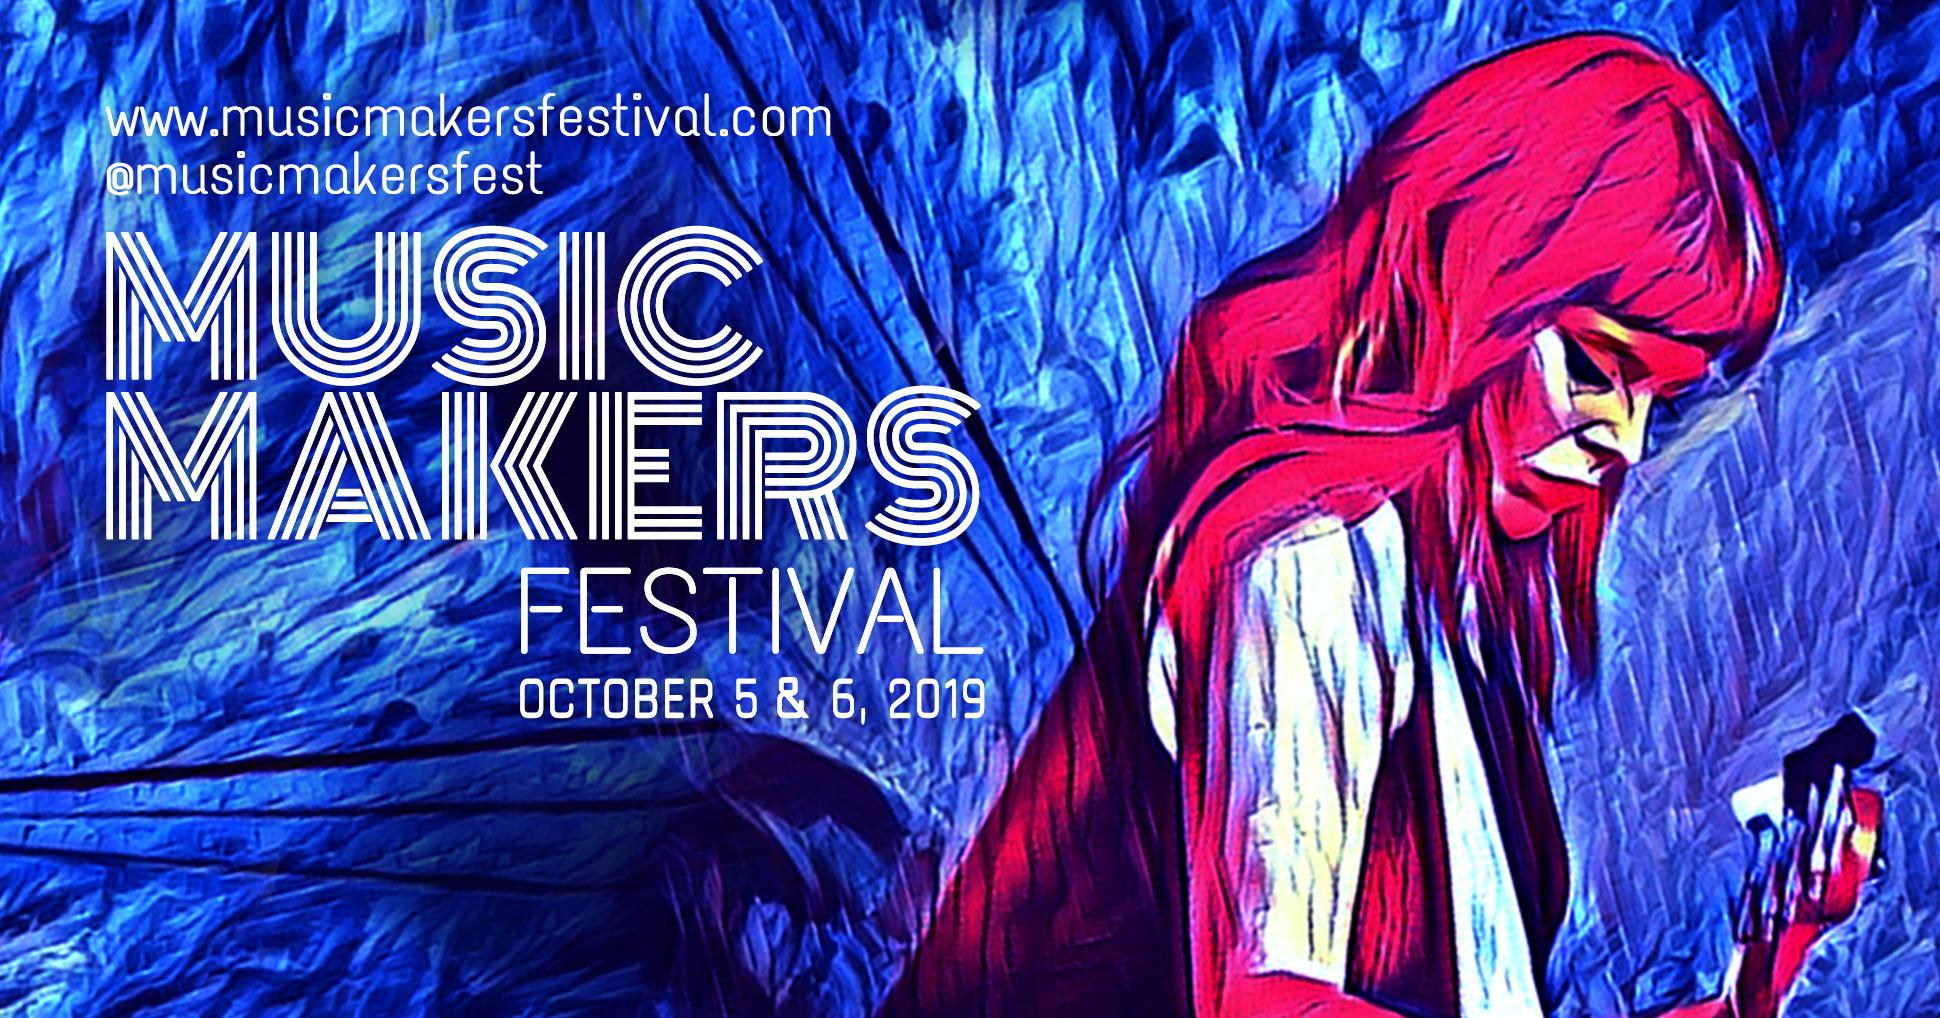 Music Makers Festival